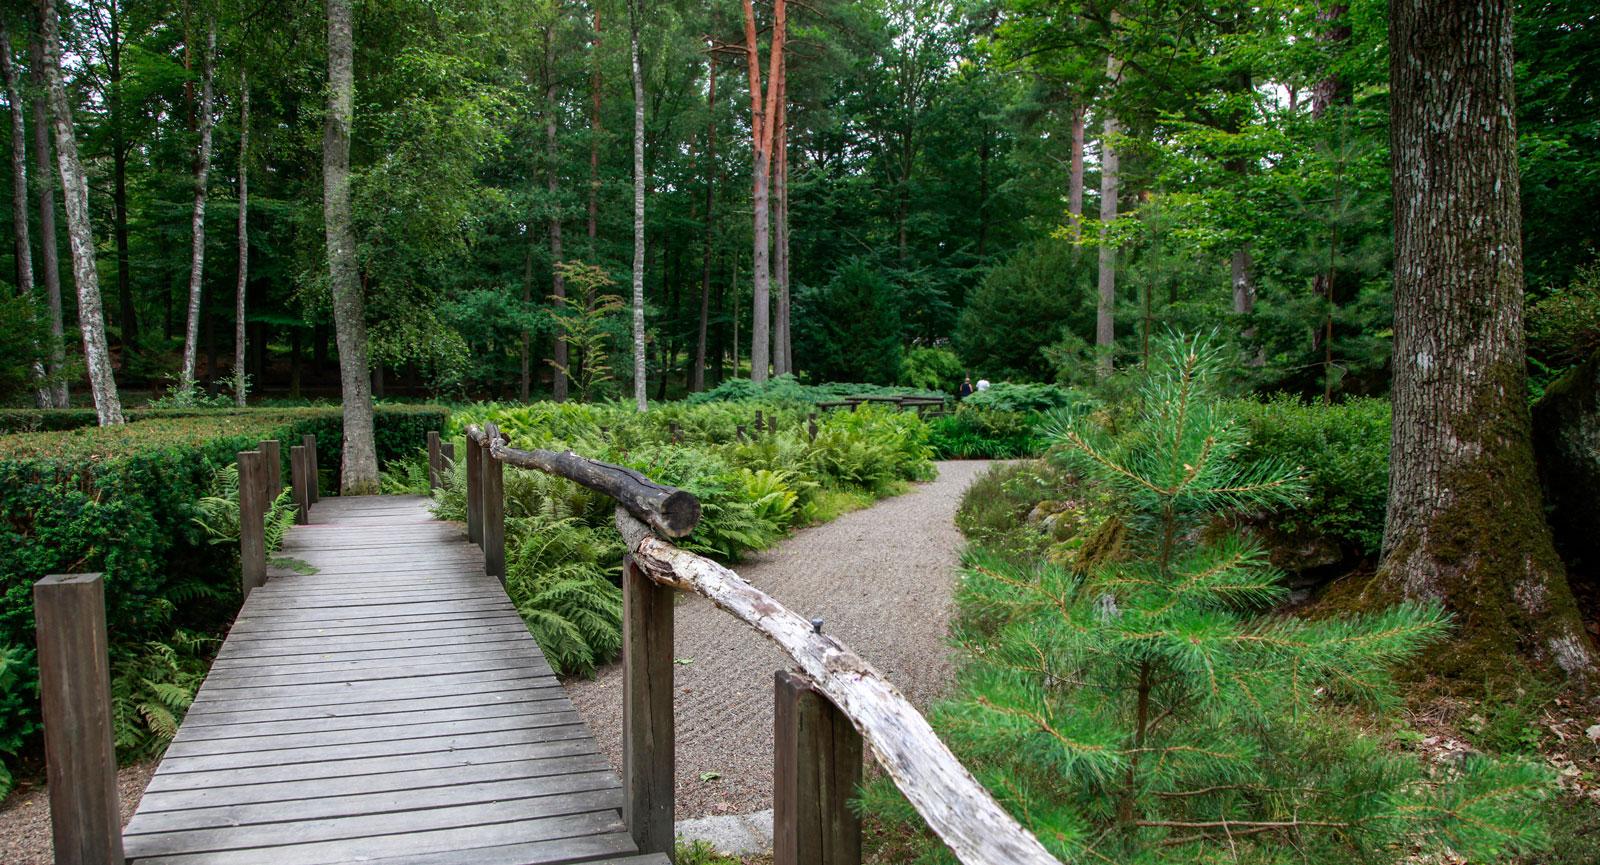 Japanska trädgården är lugn och fridfull mitt i skogen.